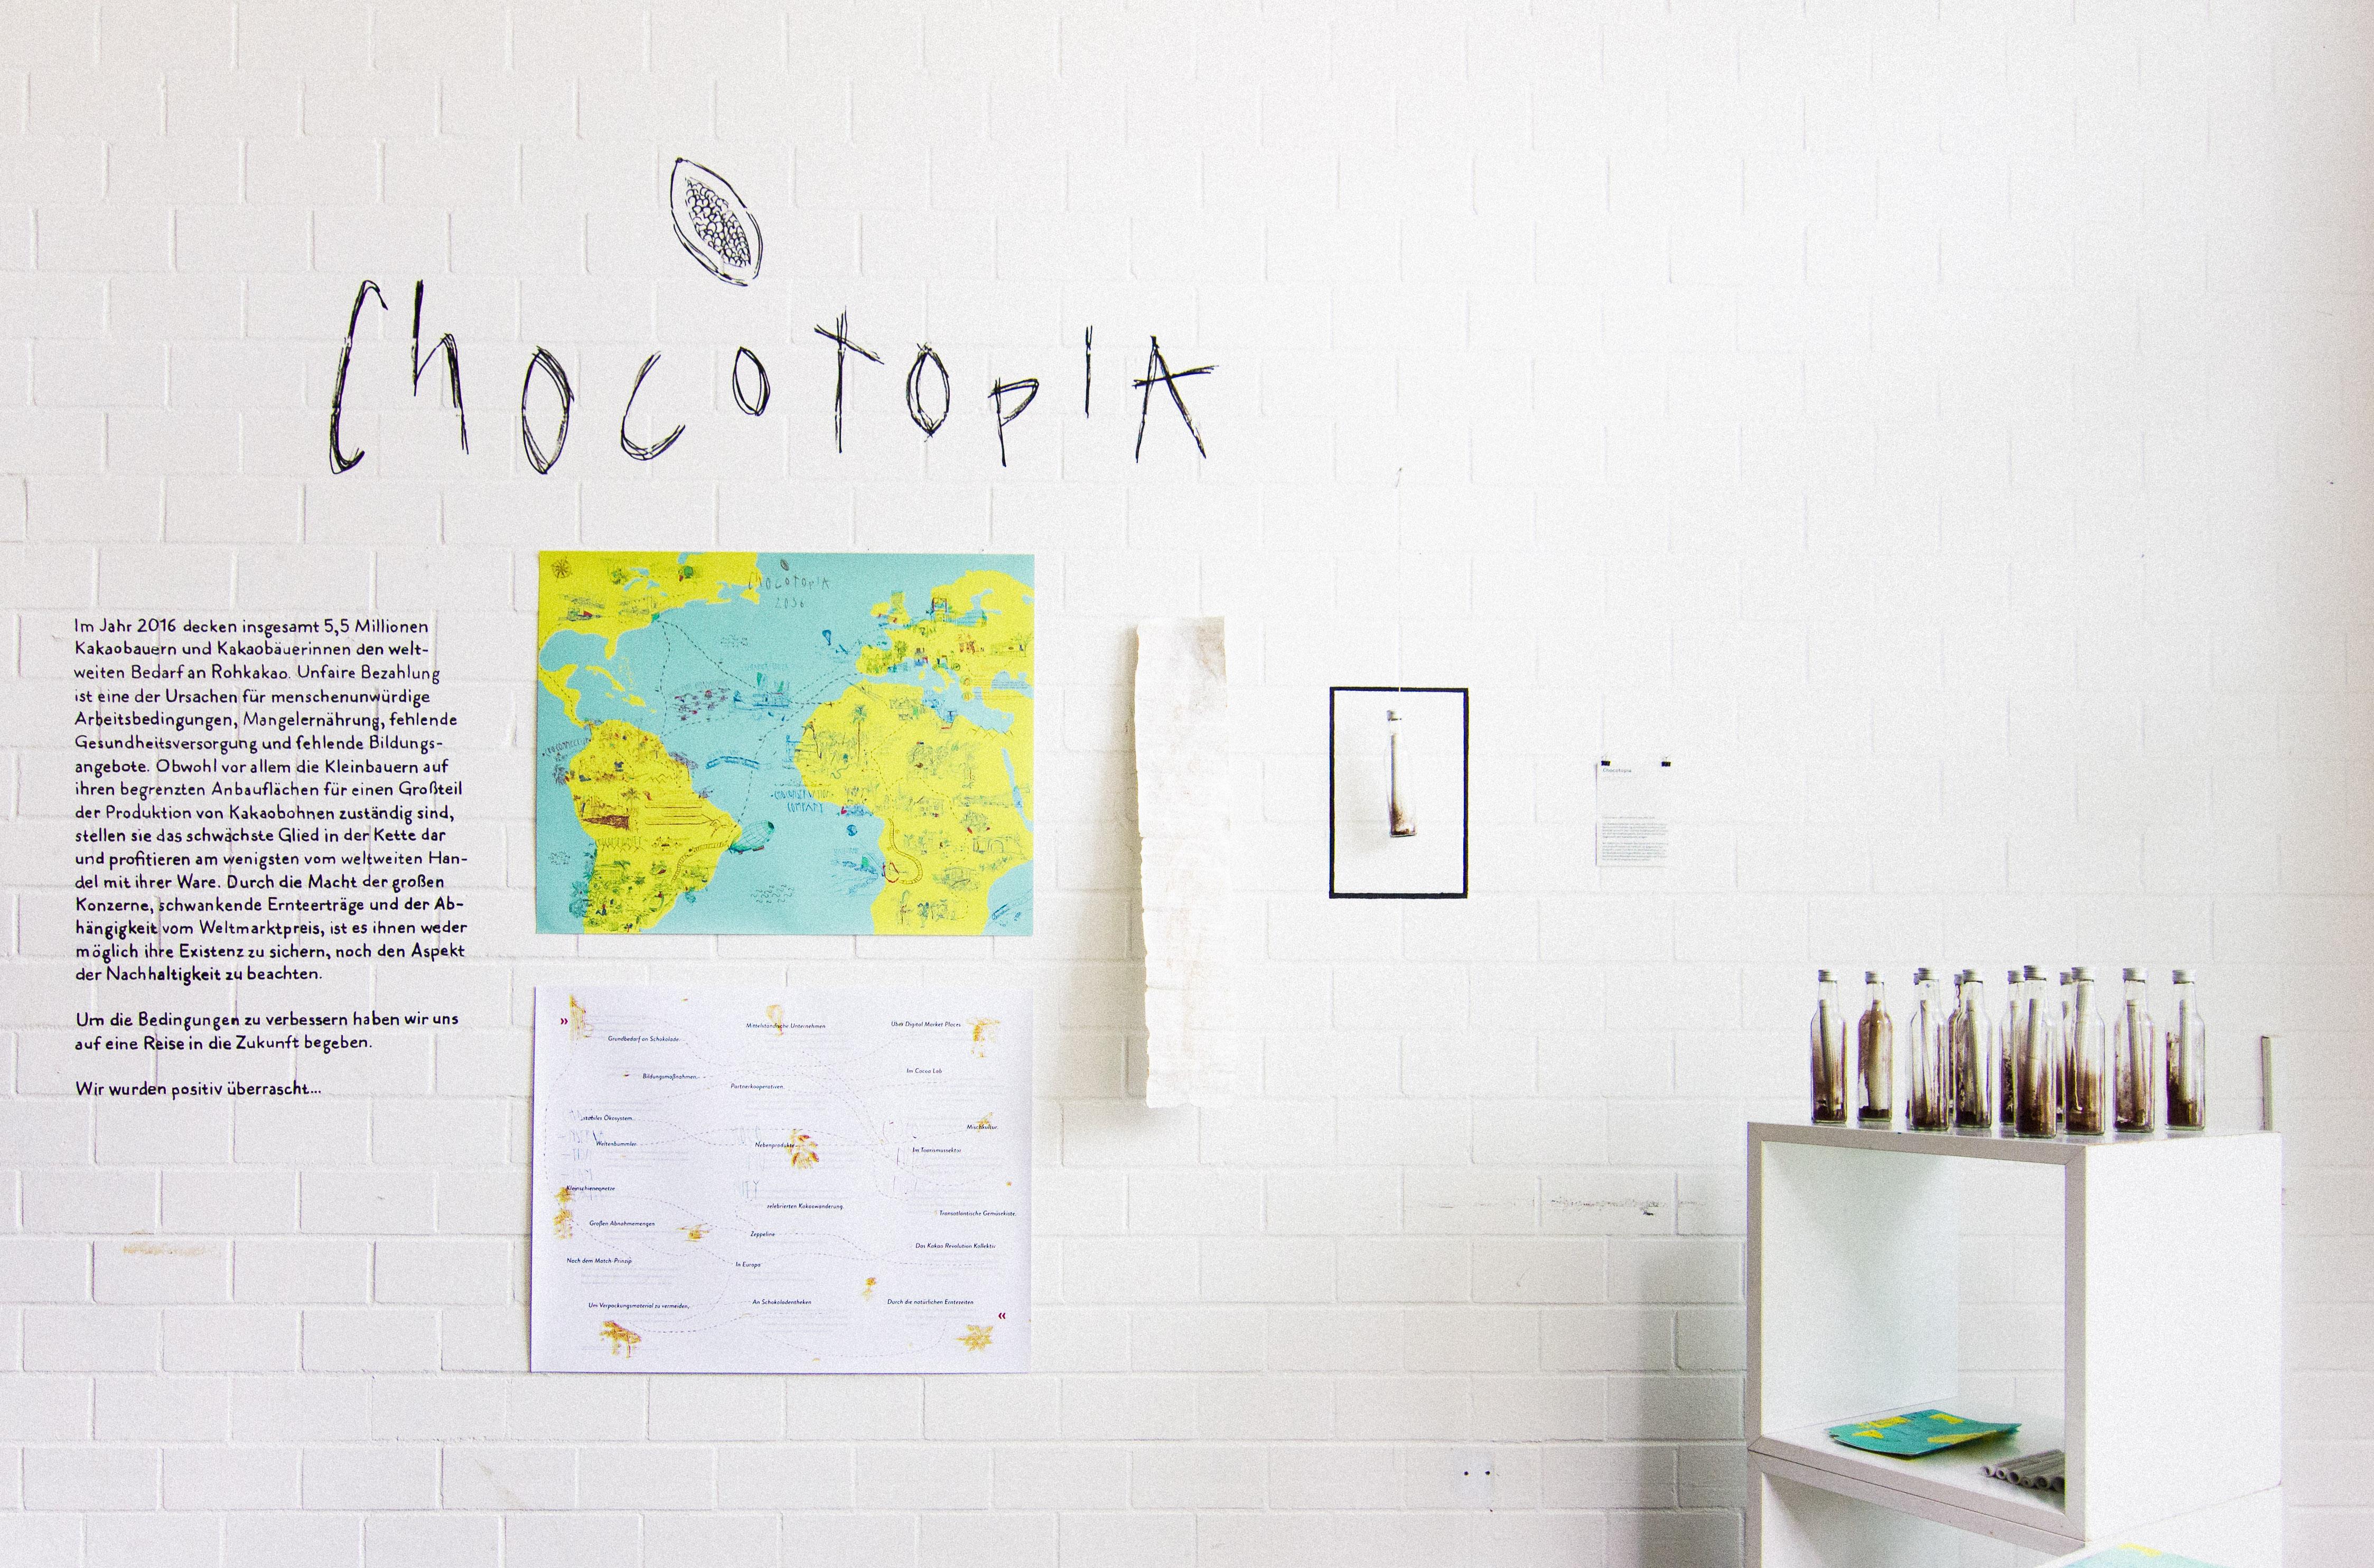 chocotopia_rundgang